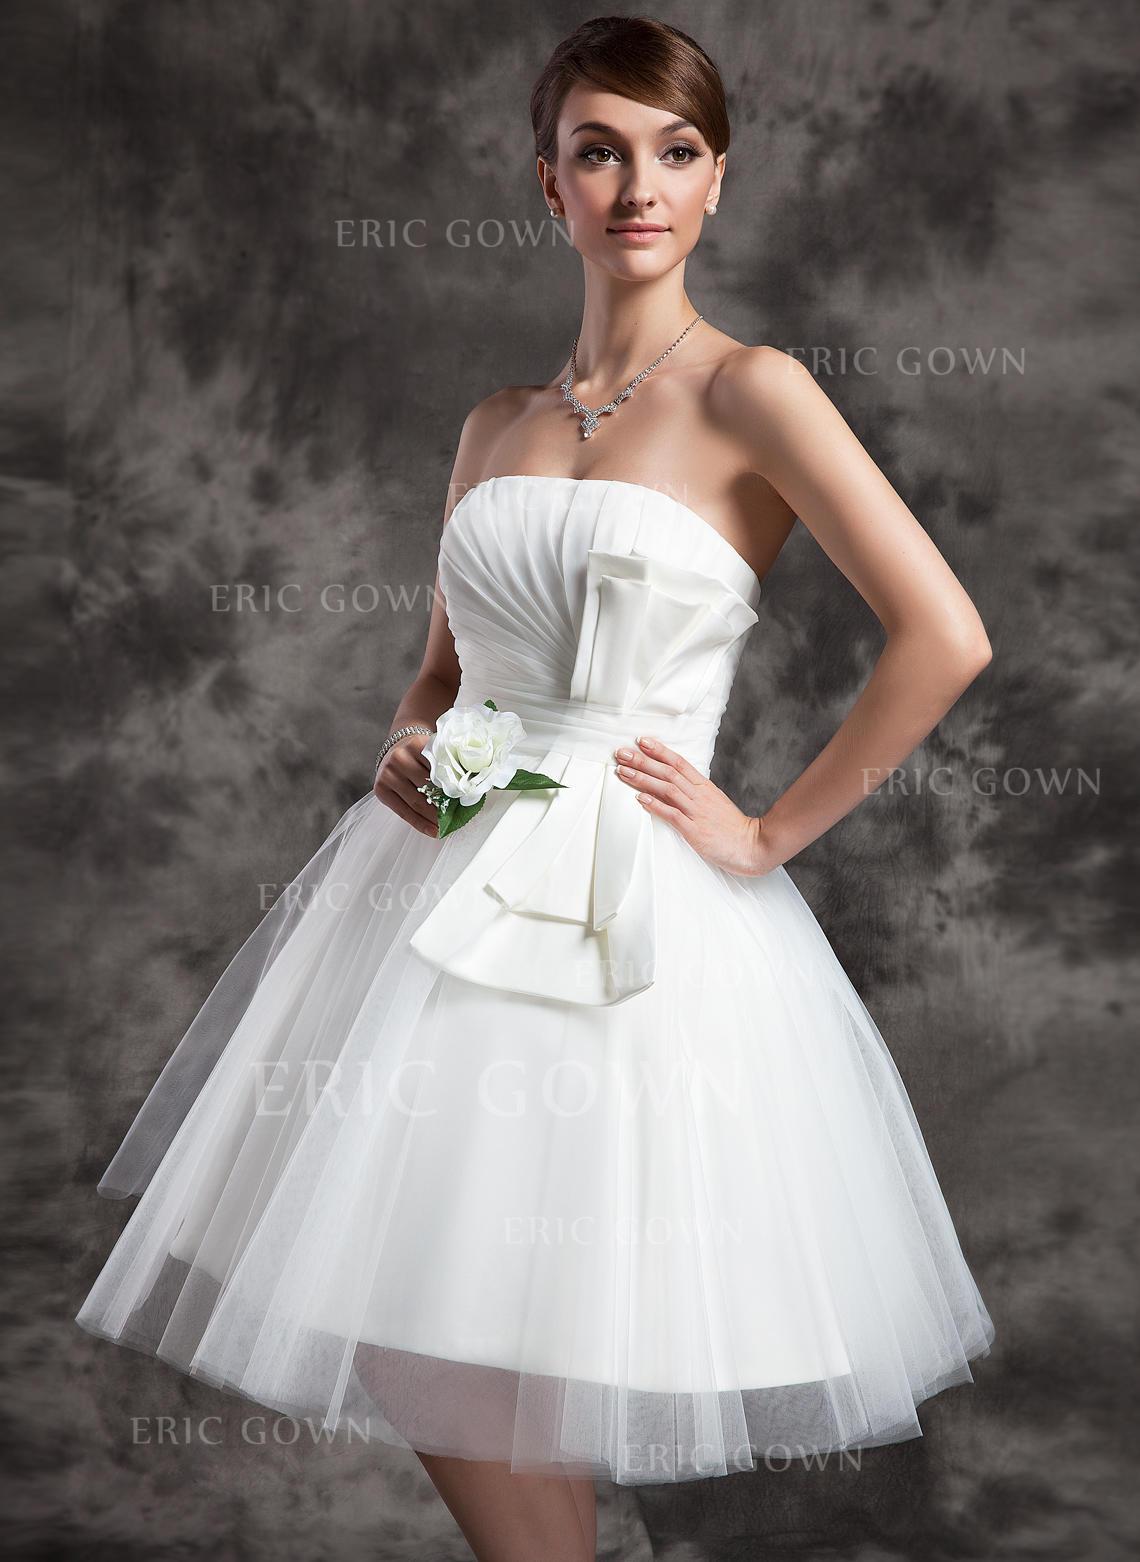 82772e243c2b Läcker Axelbandslös A-linjeformat Bröllopsklänningar Knälång Tyll Ärmlös  (002210459). Loading zoom